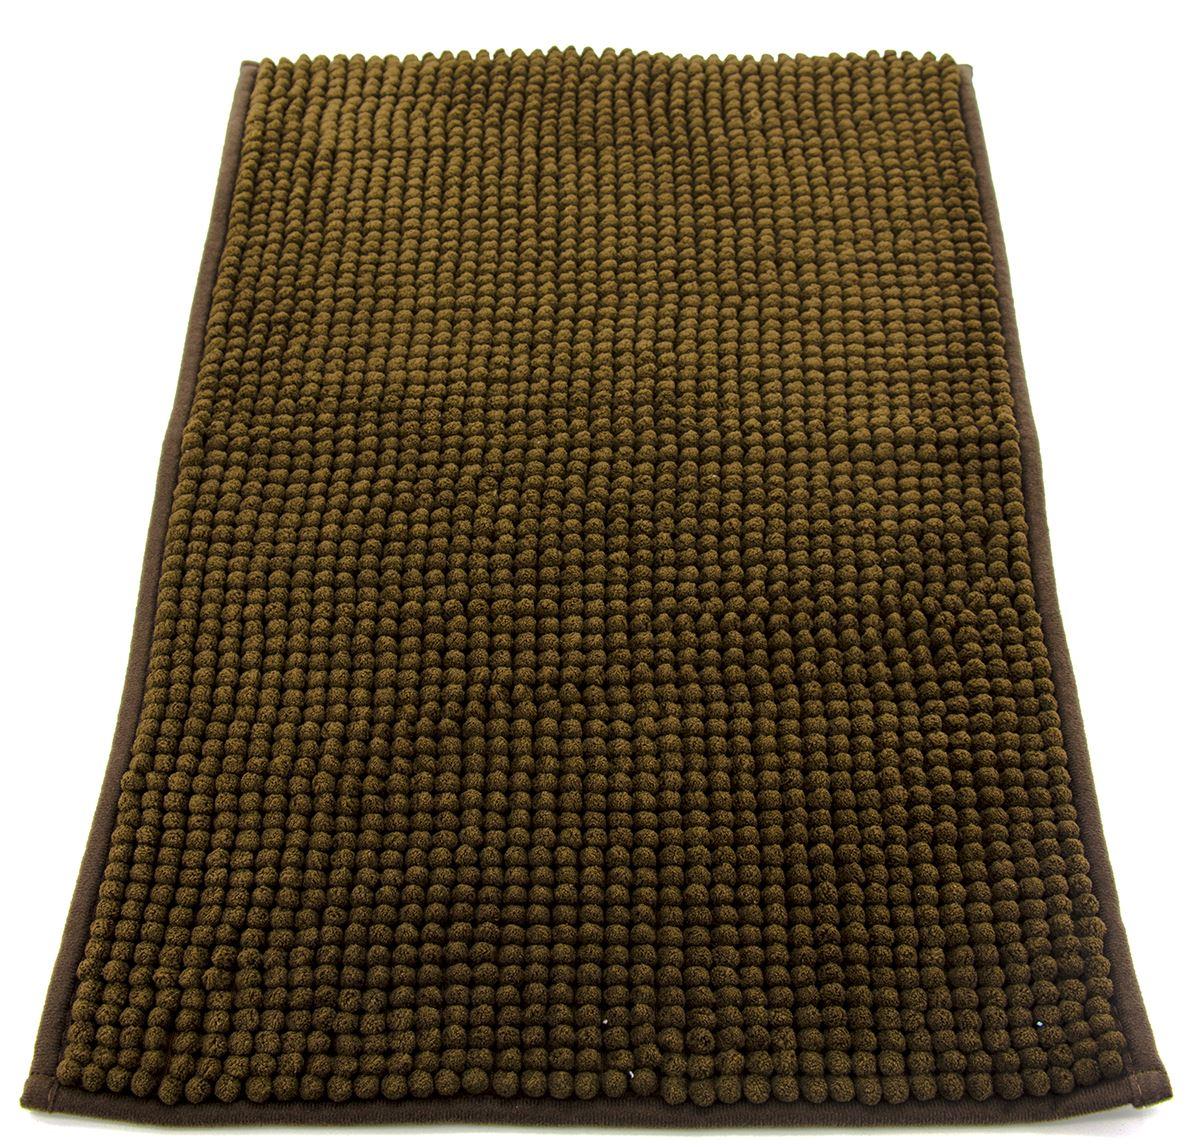 tappeto-da-bagno-camera-ingresso-cucina-a-pelo-corto-materiale-in-micro-fibra miniatura 48